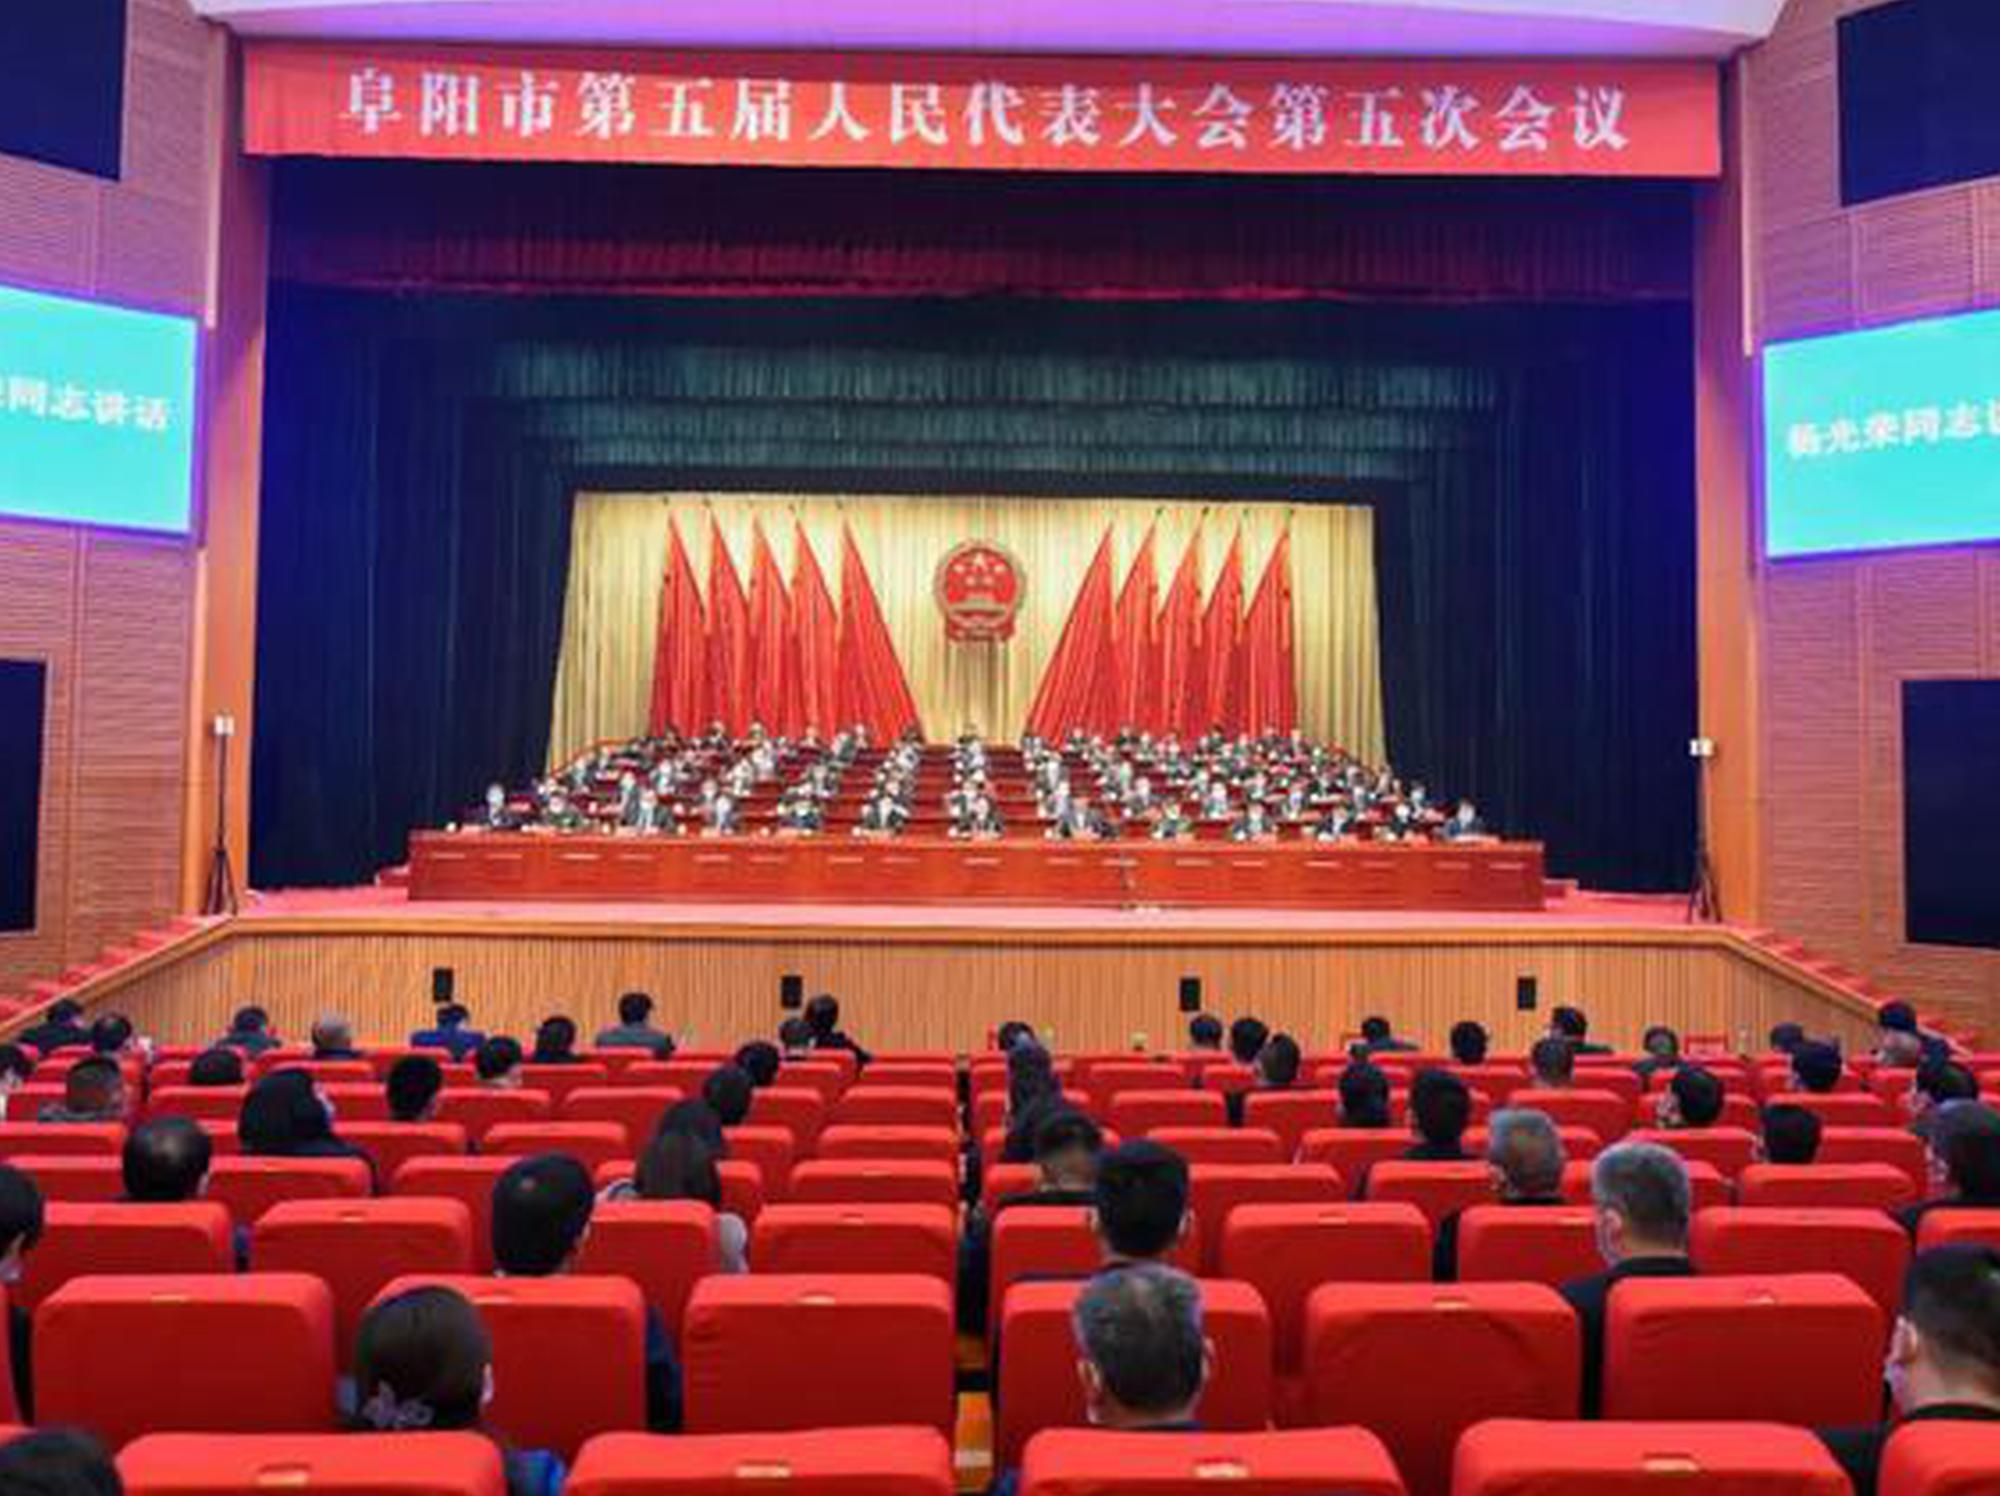 http://ah.sina.com.cn/news/2021-01-25/detail-ikftpnny1466037.shtml